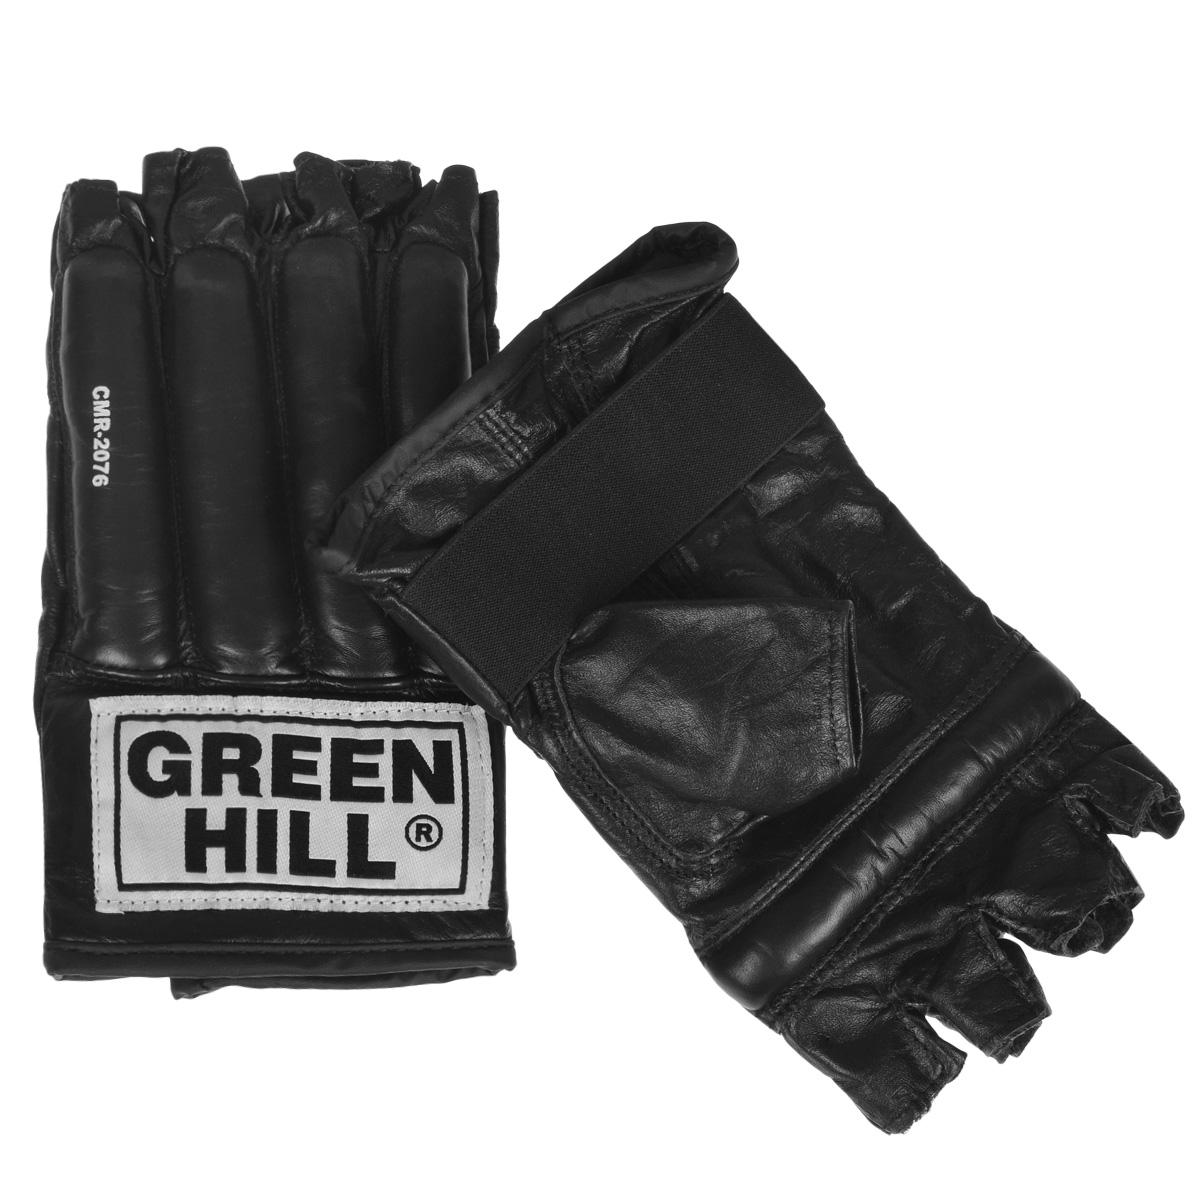 Шингарты для единоборств Green Hill Royal, цвет: черный. Размер XLCMR-2076Шингарты Green Hill Royal предназначены для новичков и любителей, для тренировок в домашних условиях, а так же могут использоваться для боевого самбо или боев без правил. Выполнены из высококачественной натуральной кожи. Застежка в виде резинки надежно фиксирует шингарты на руке.